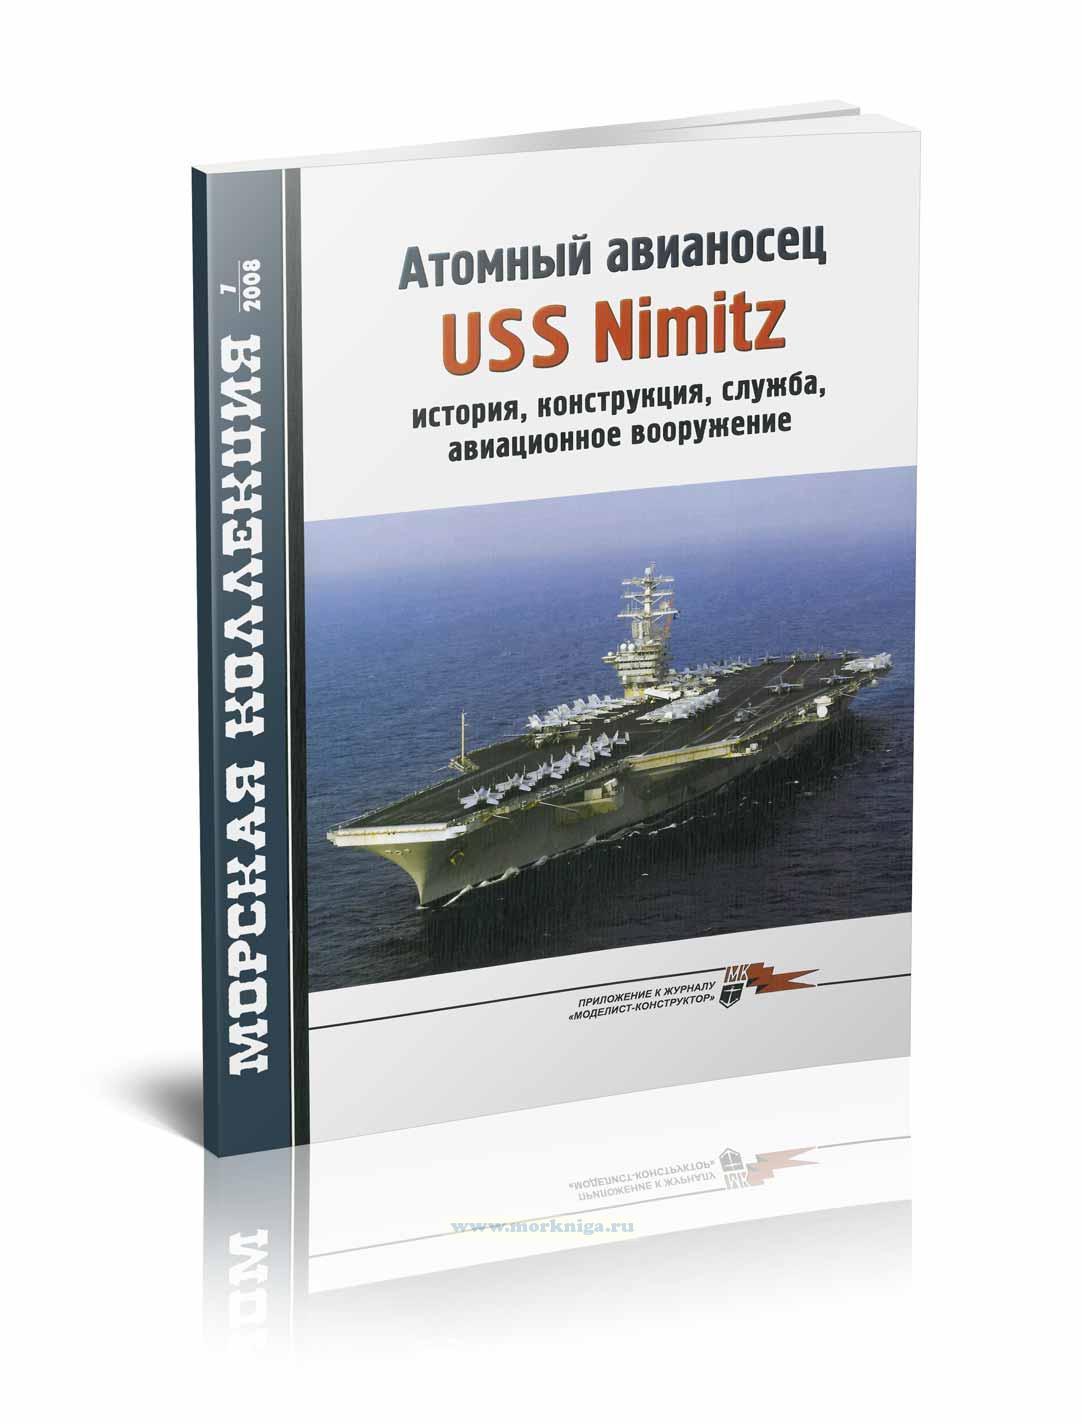 Атомный авианосец USS Nimitz. История, конструкция, служба, авиационное вооружение. Морская коллекция №7 (2008)